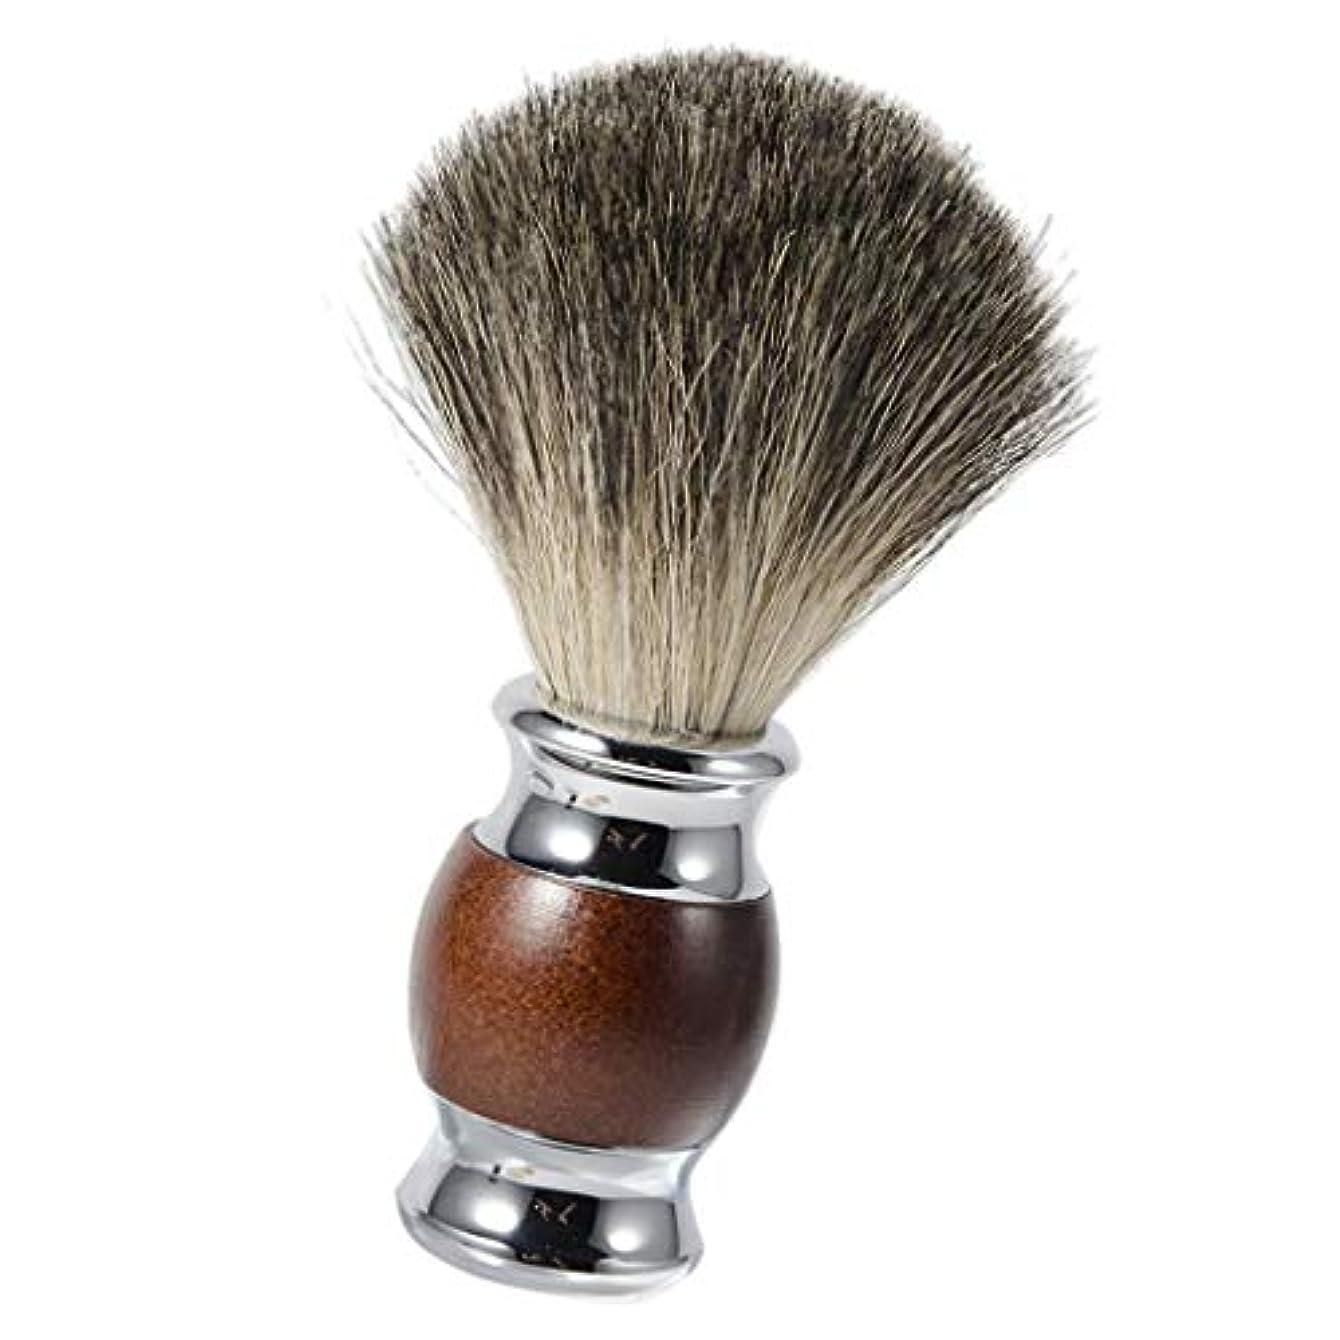 退却スプレーパラメータchiwanji シェービング用ブラシ シェービングブラシ メンズ 理容 洗顔 髭剃り シェービング用アクセサリー